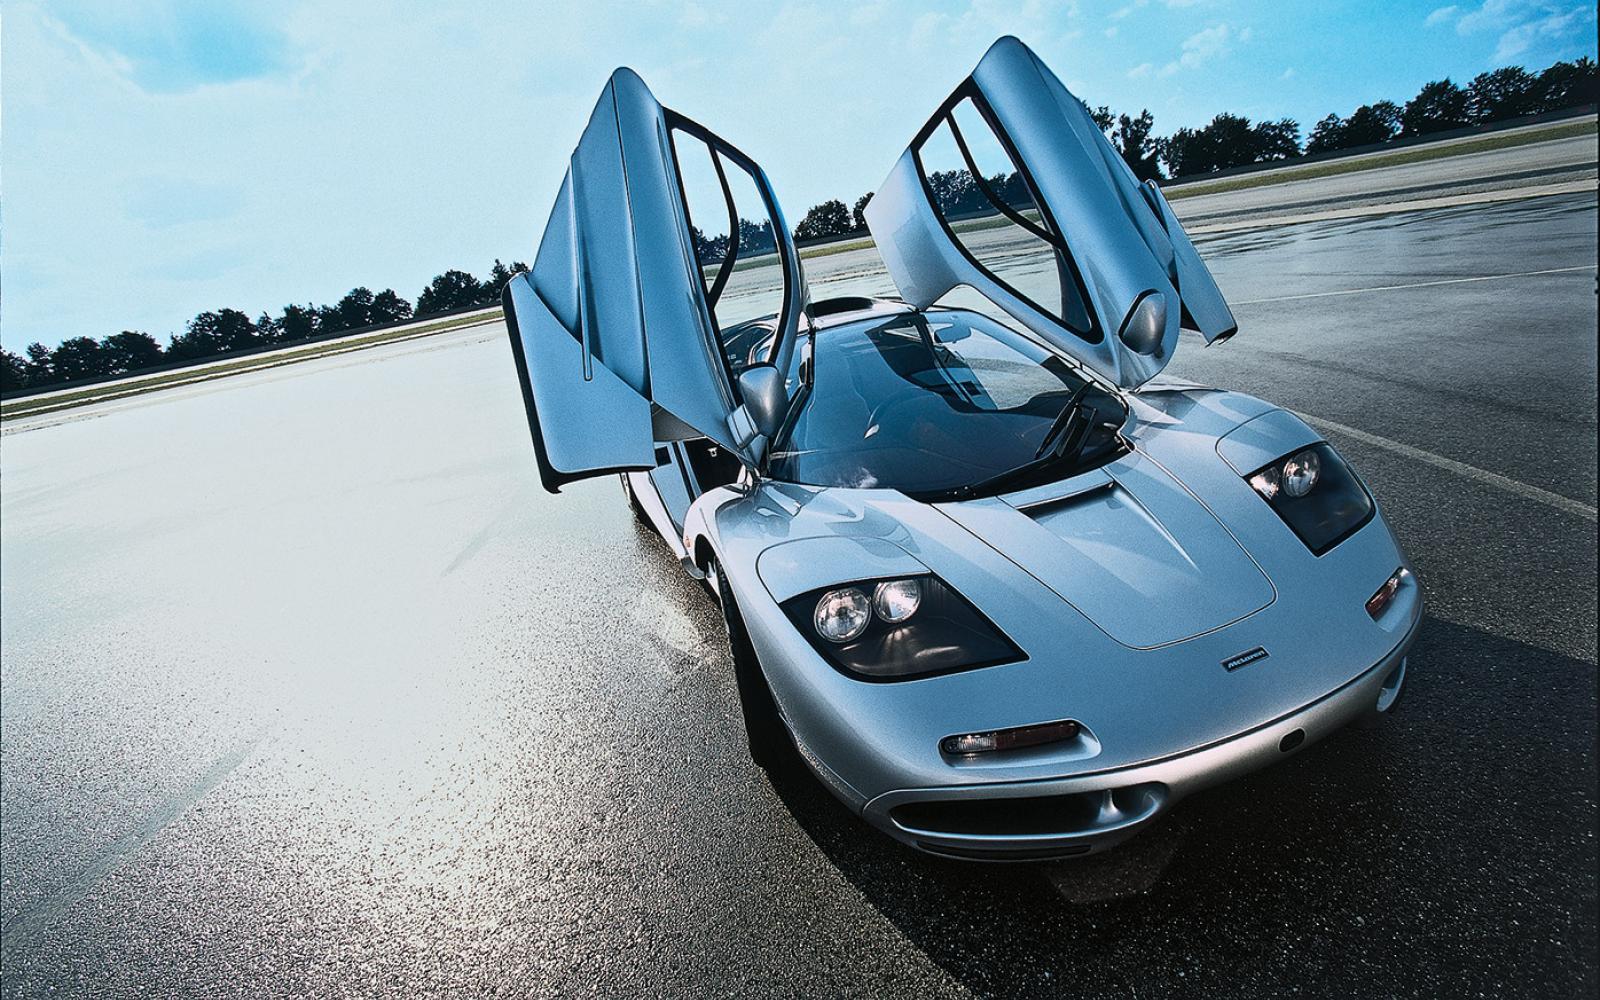 Met de McLaren F1 naar een top van 391 km/h